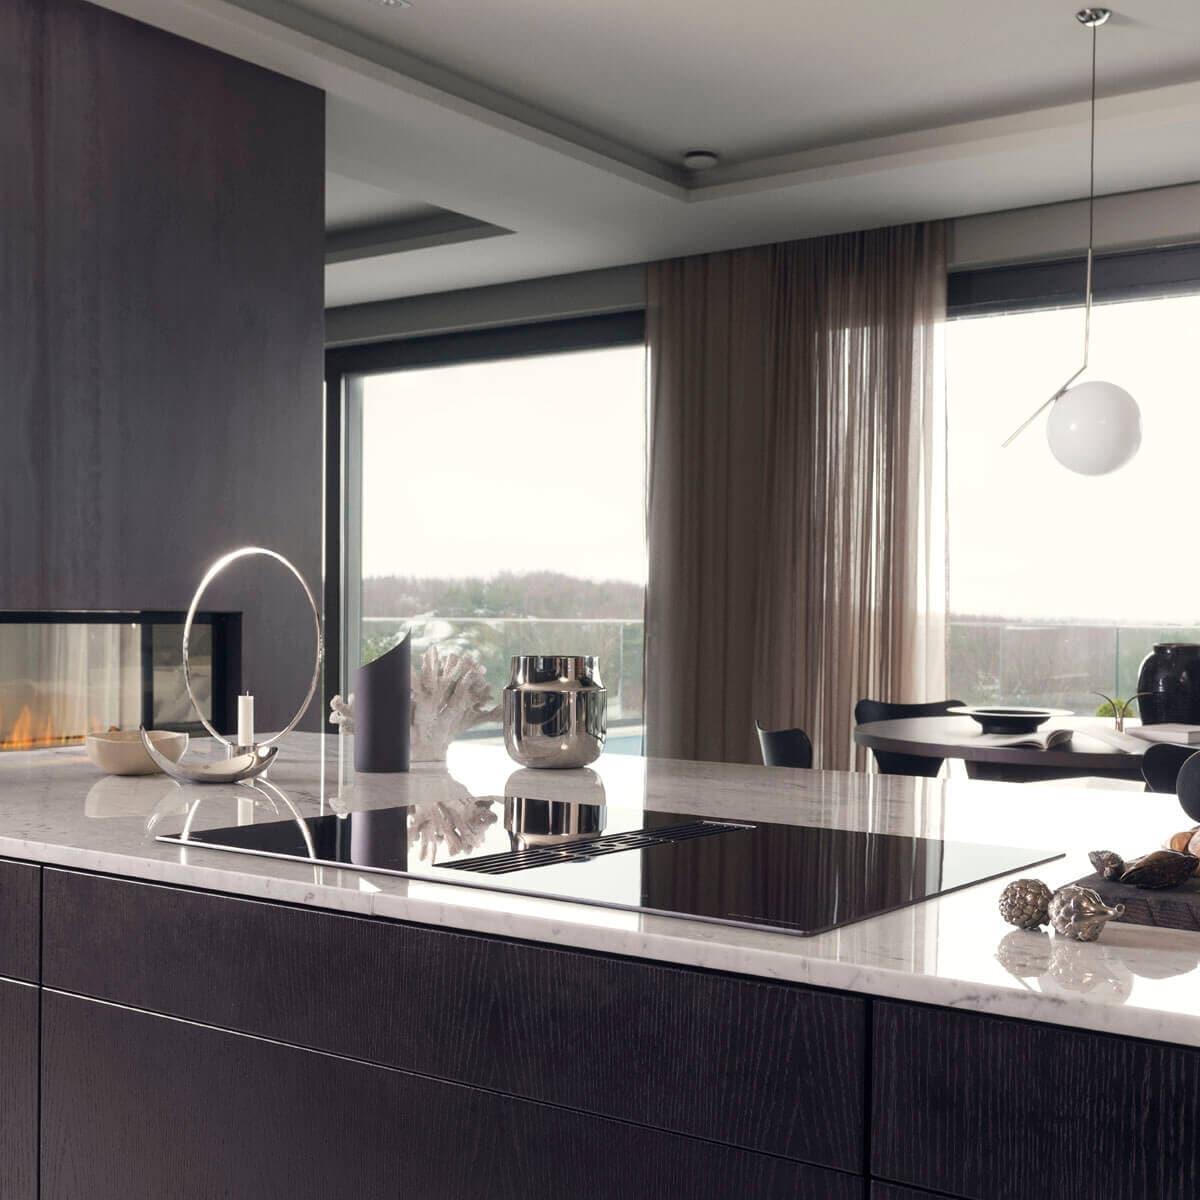 Bänkfläkten Vy som är inbyggd i induktionshäll monterad i modernt kök i mörka toner.